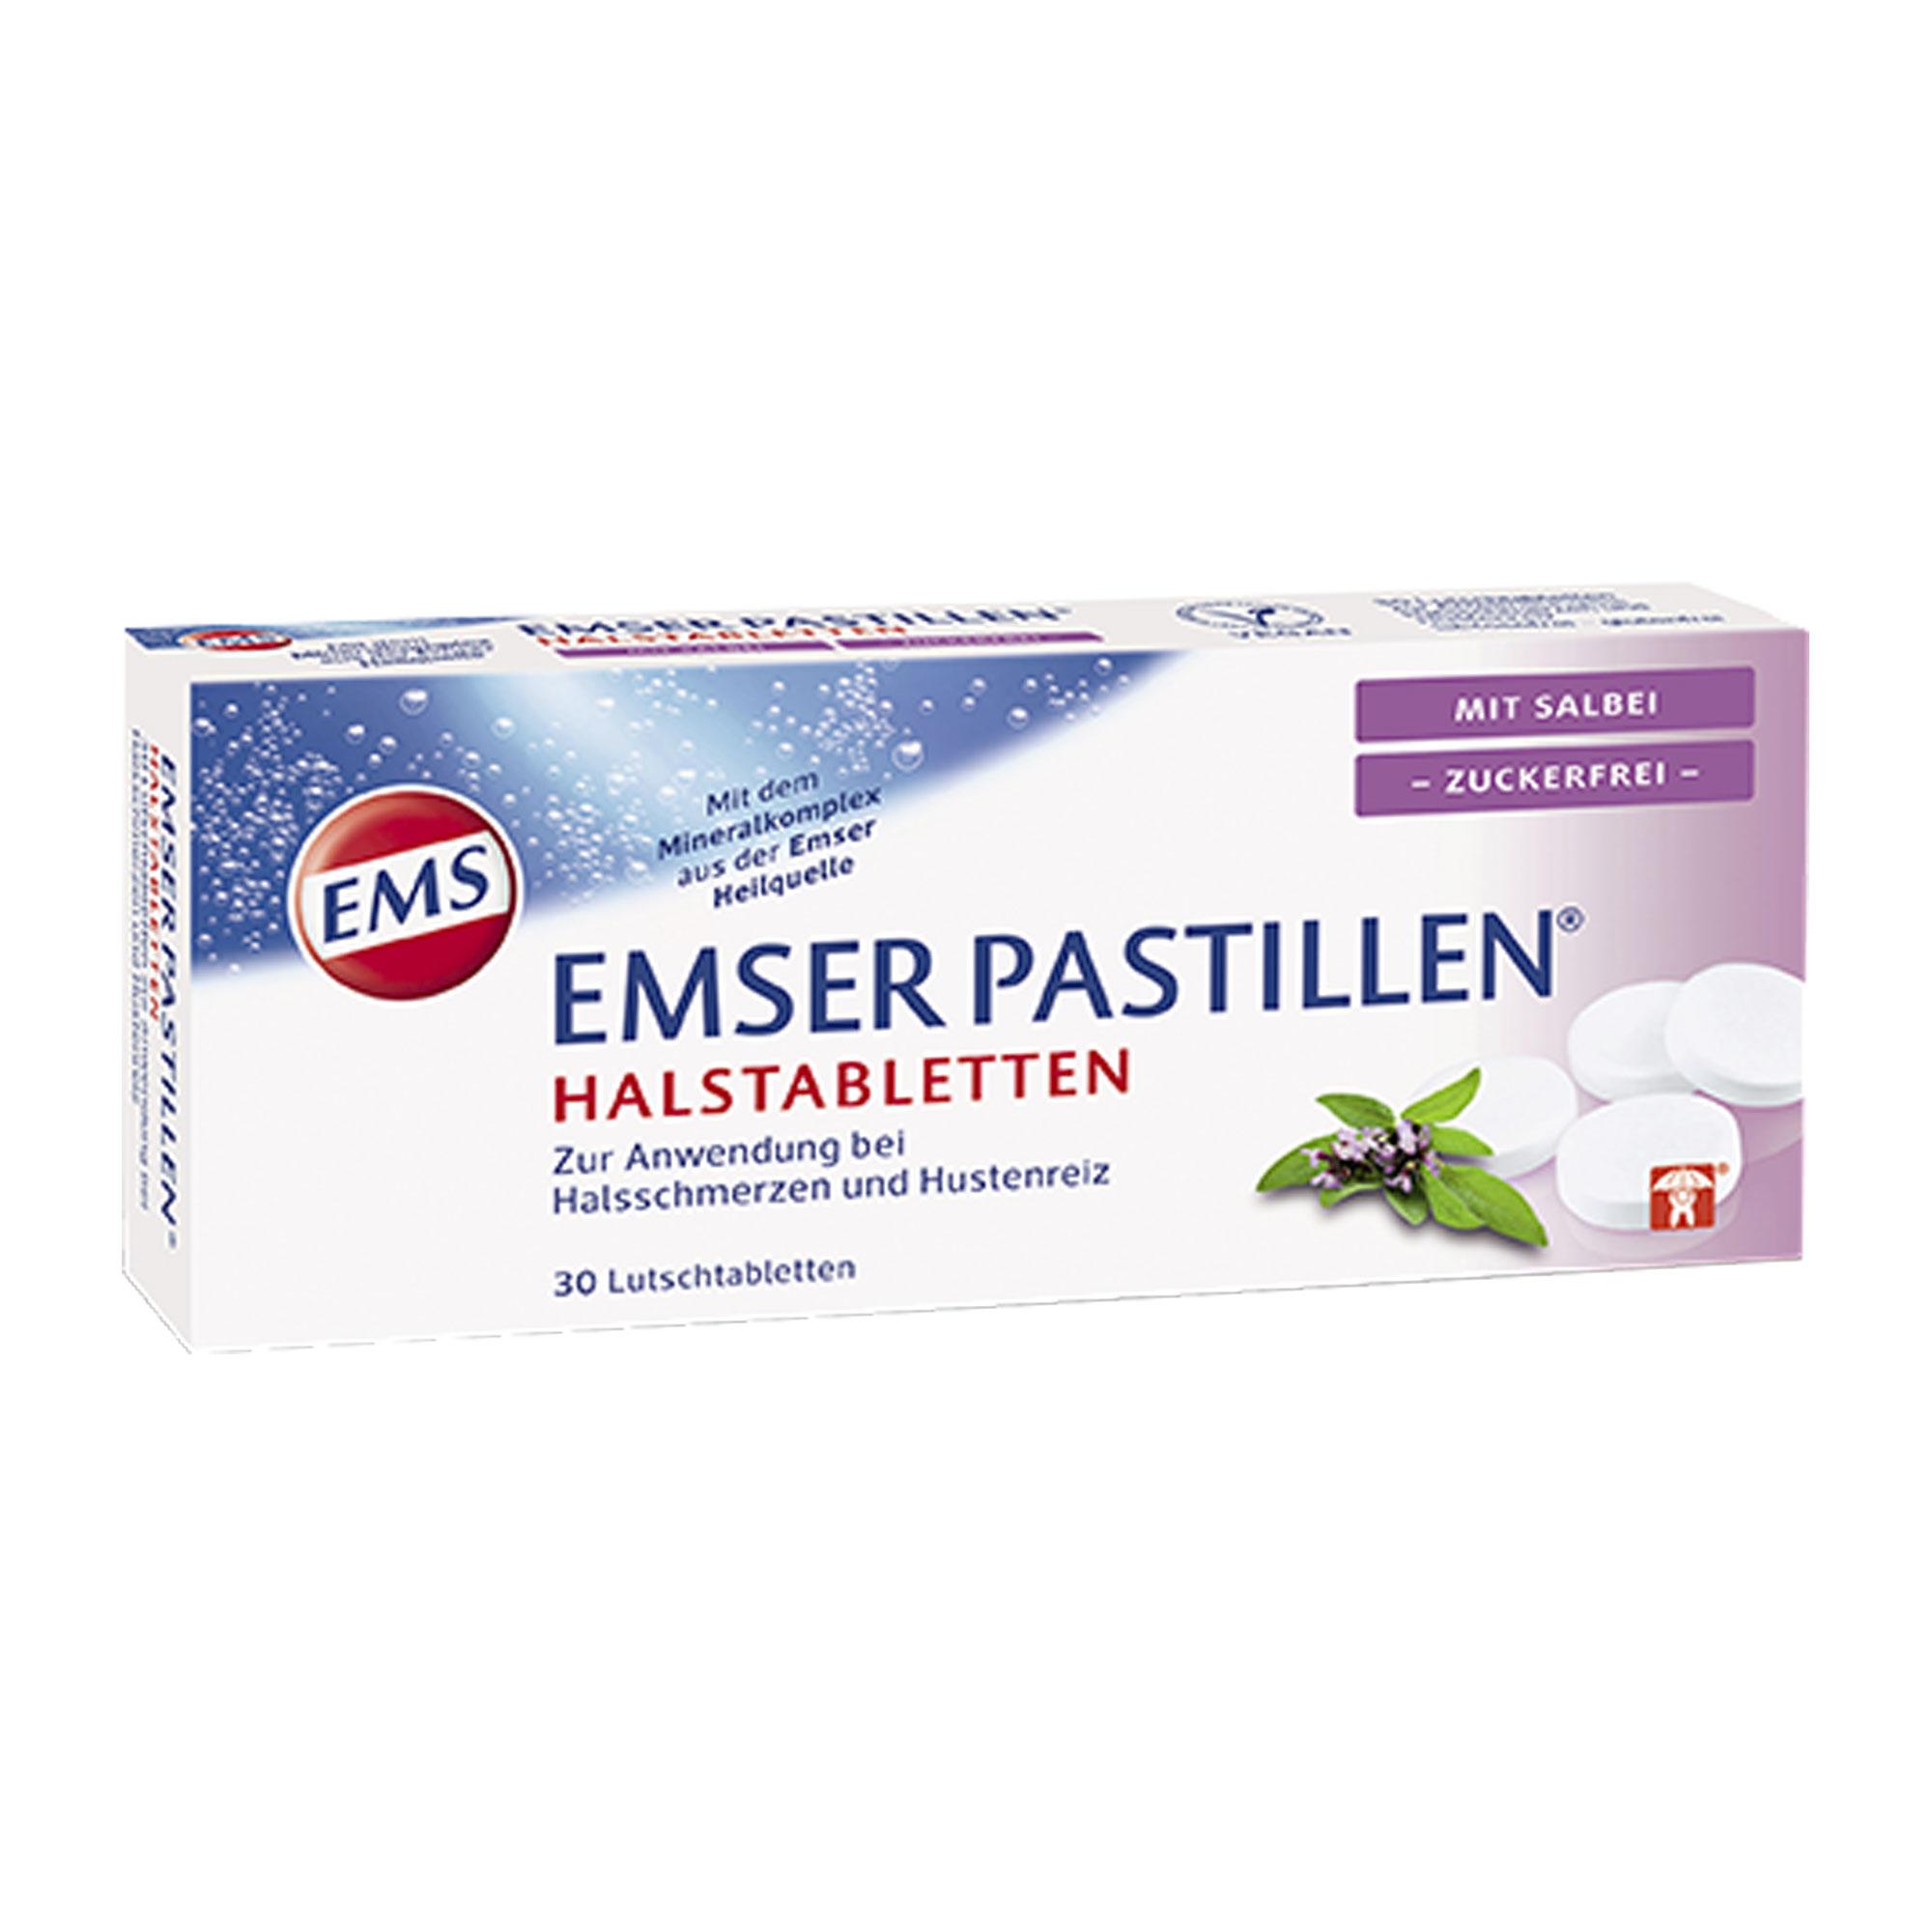 【ᐅᐅ】 Salbei Tabletten Erfahrungen 2020: Alle Top Produkte